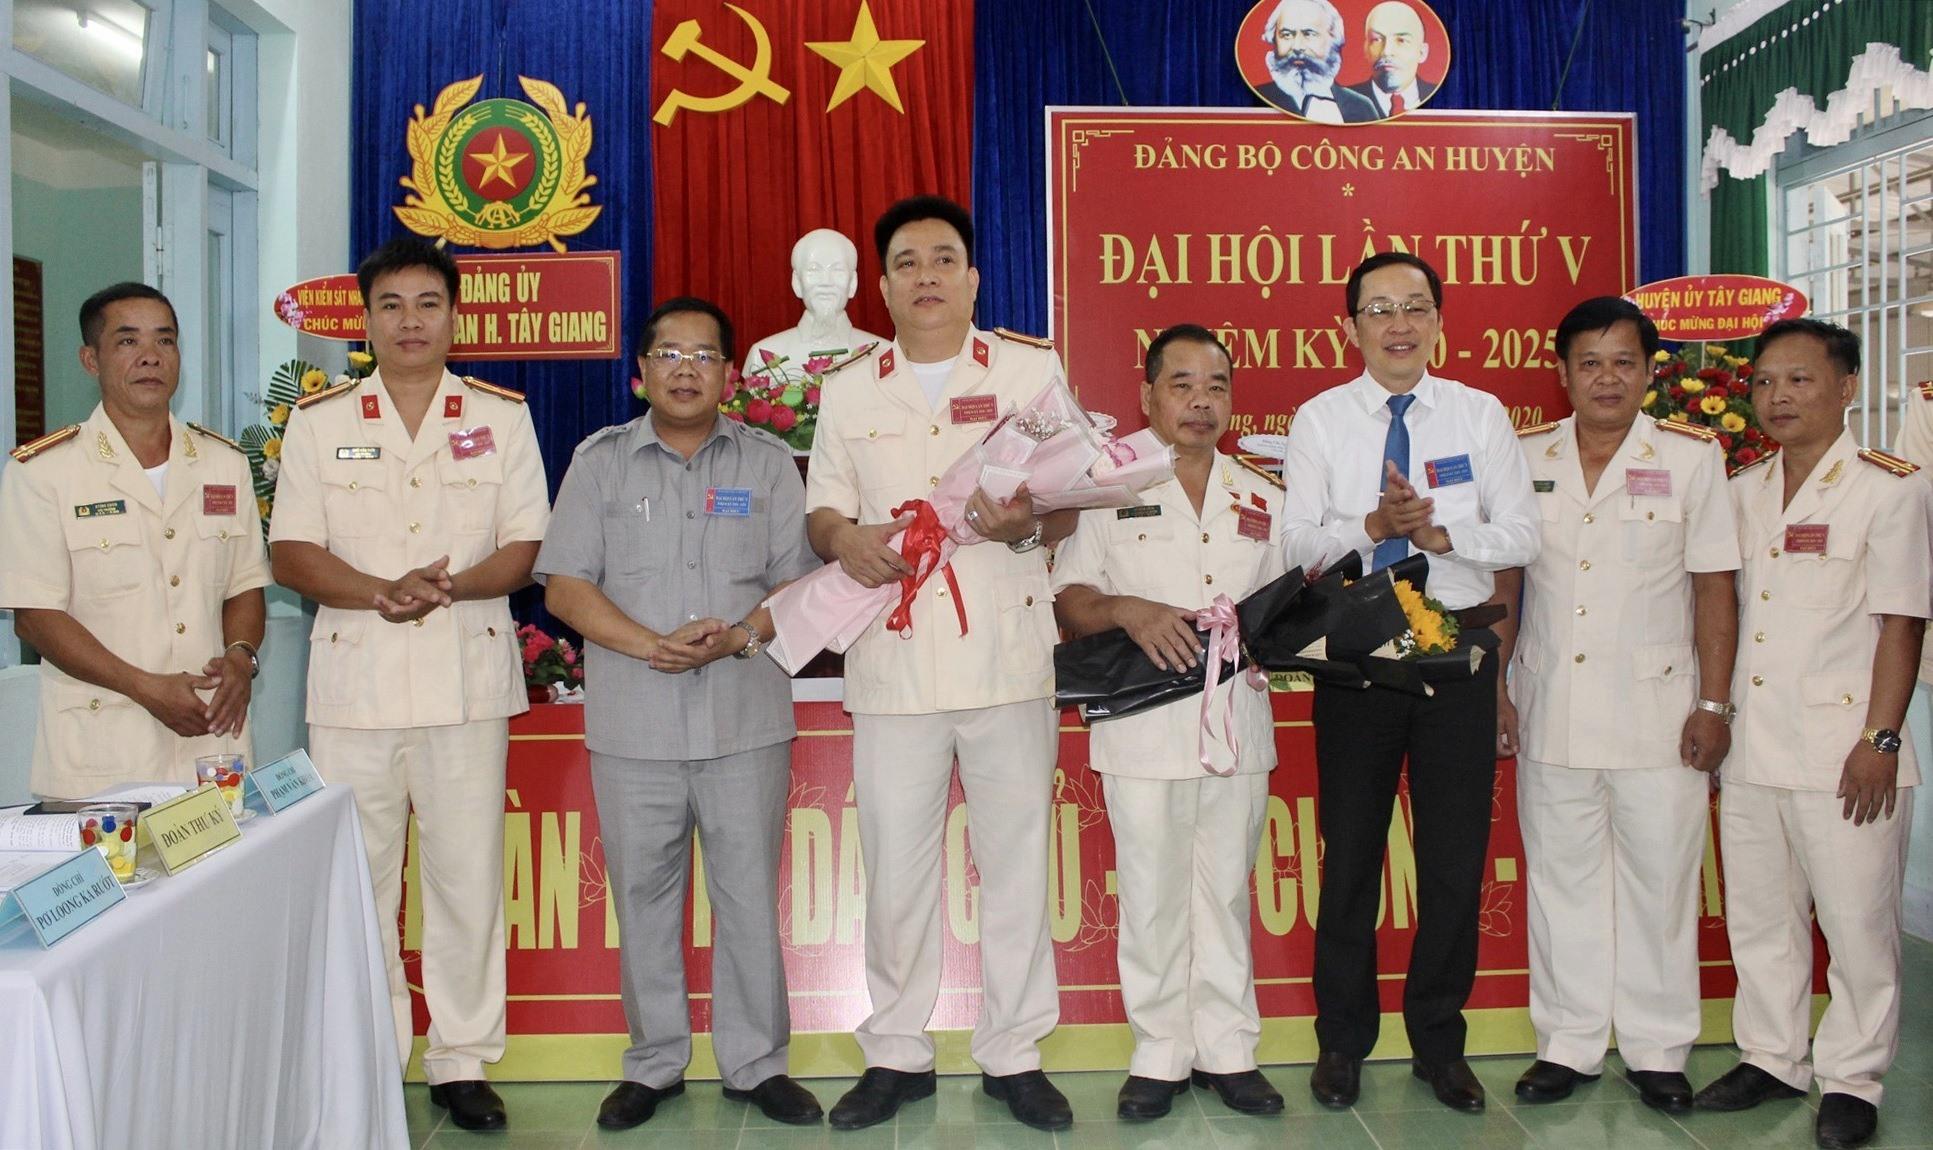 Lãnh đạo huyện Tây Giang tặng hoa chúc mừng Ban Chấp hành Đảng bộ Công an huyện khóa mới. Ảnh: ĐÌNH HIỆP